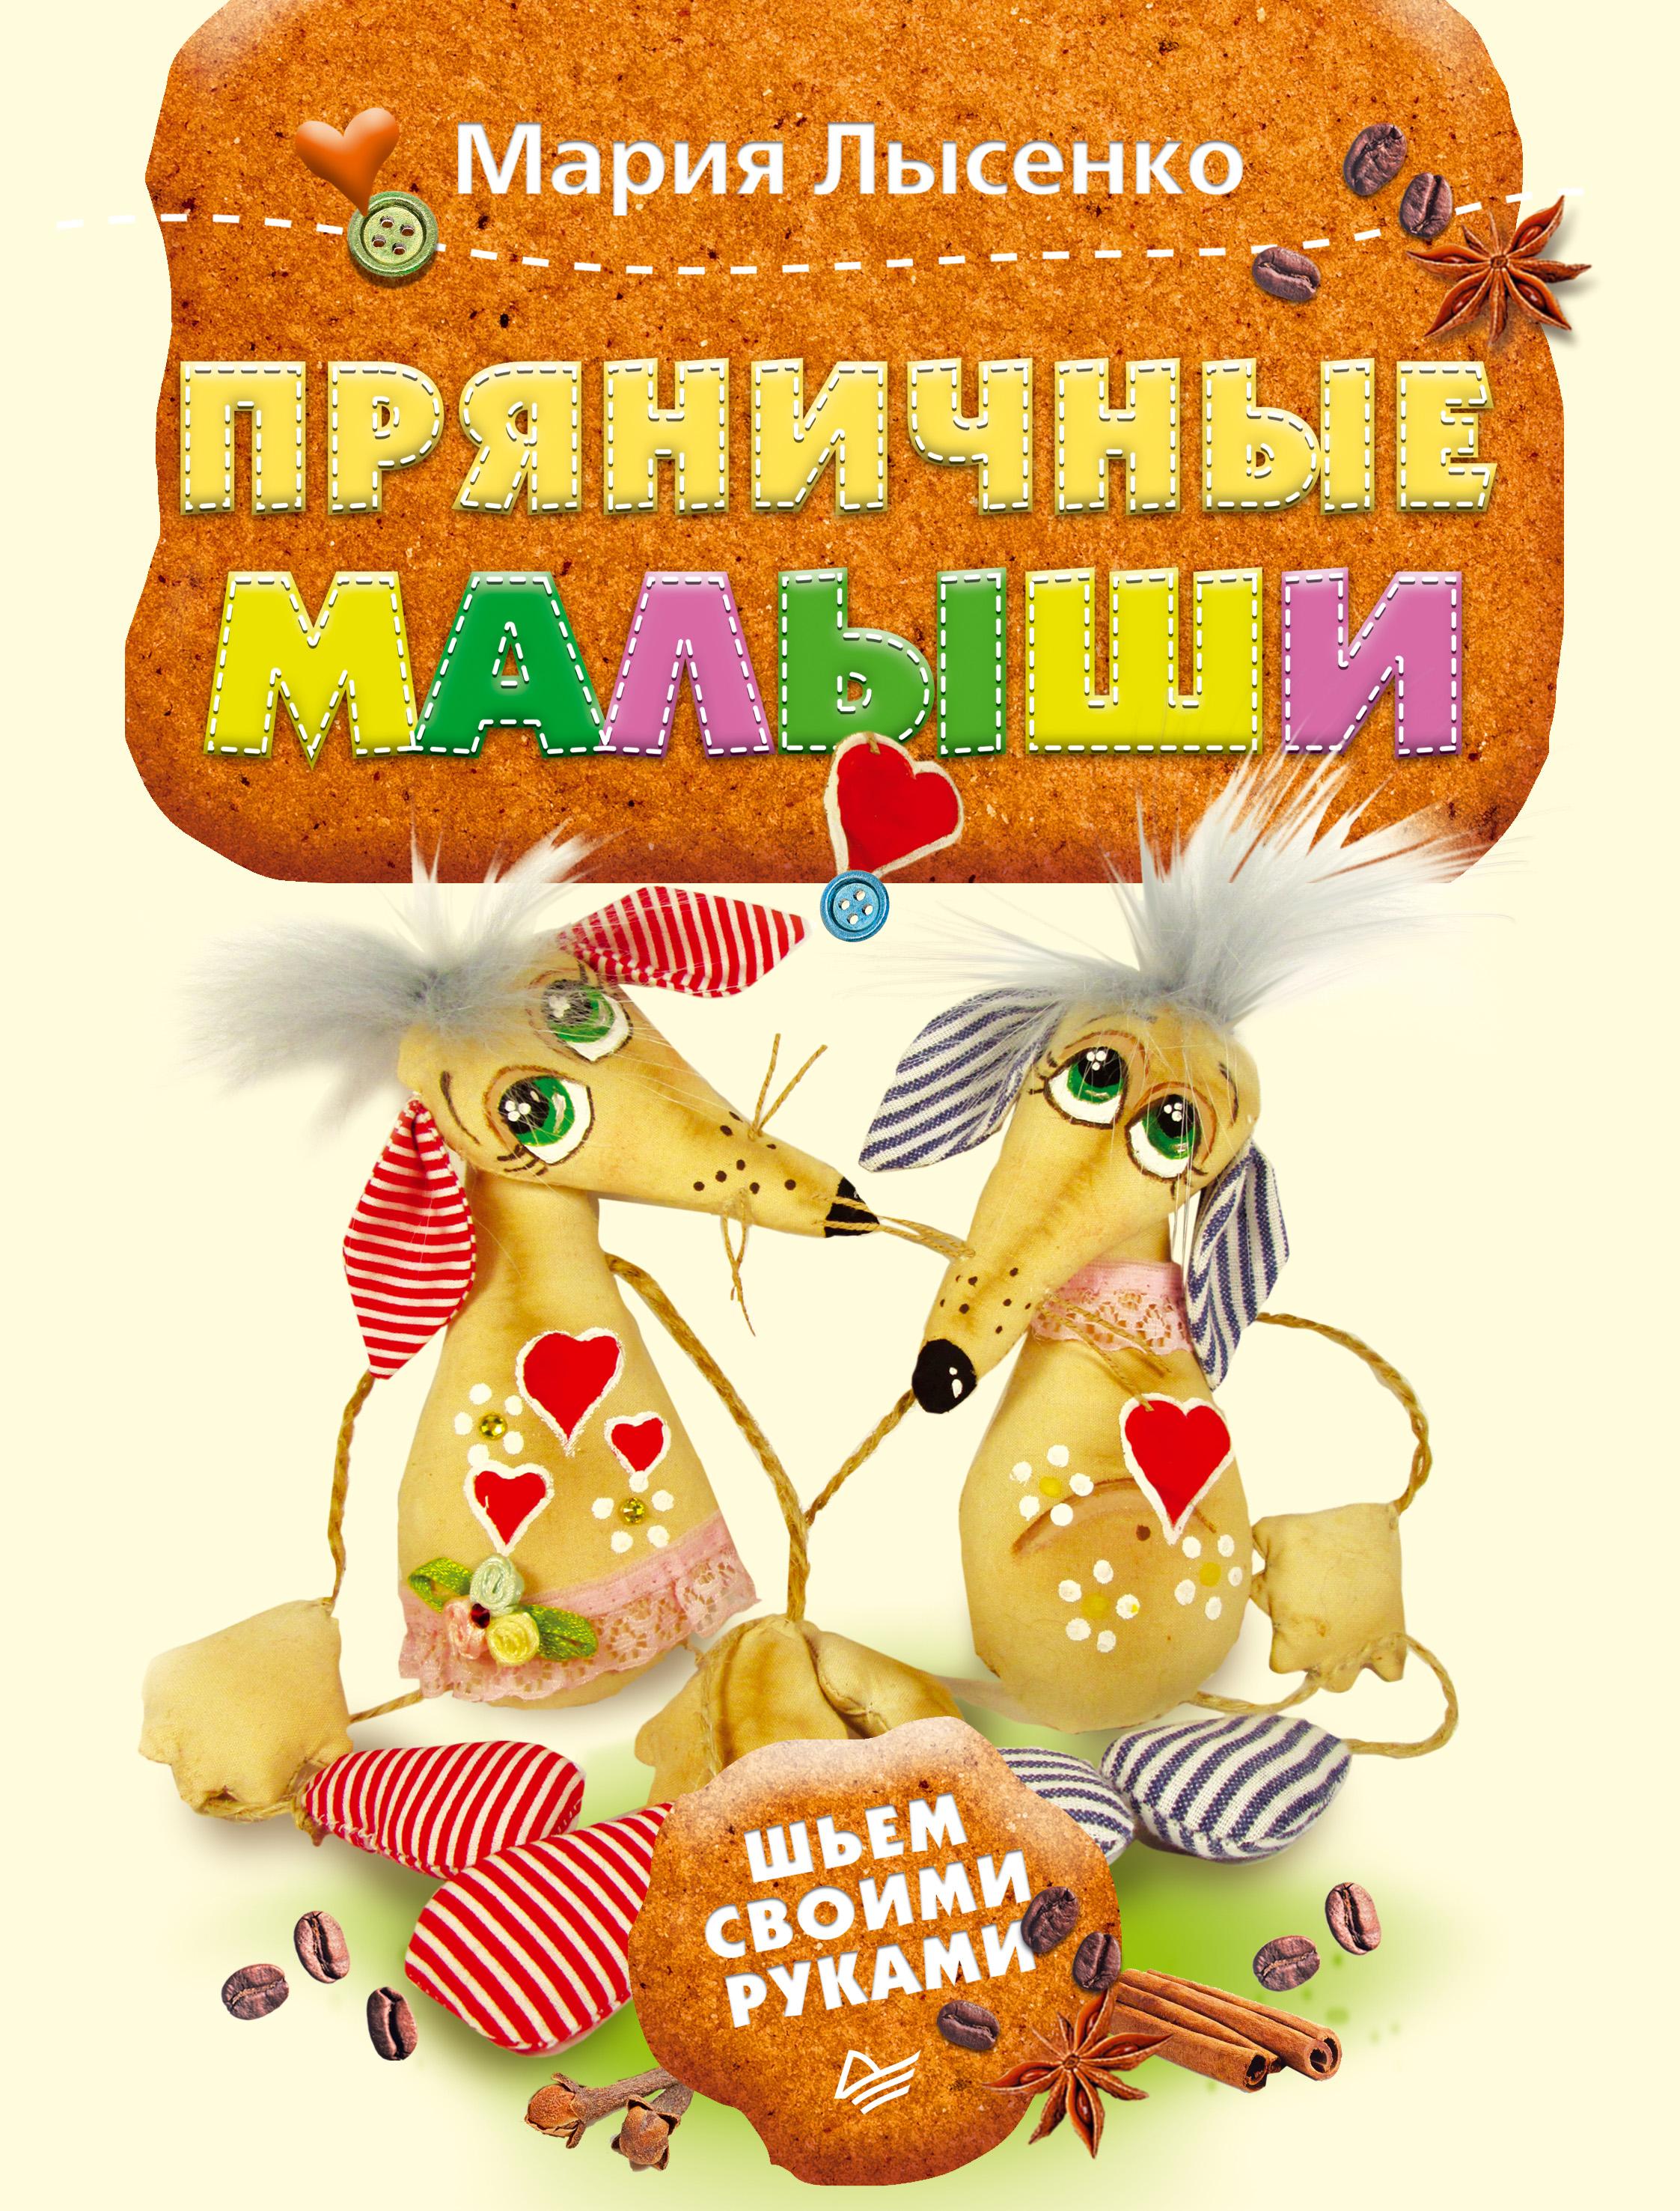 Мария Лысенко Пряничные малыши. Шьем своими руками питер пряничные малыши шьем своими руками